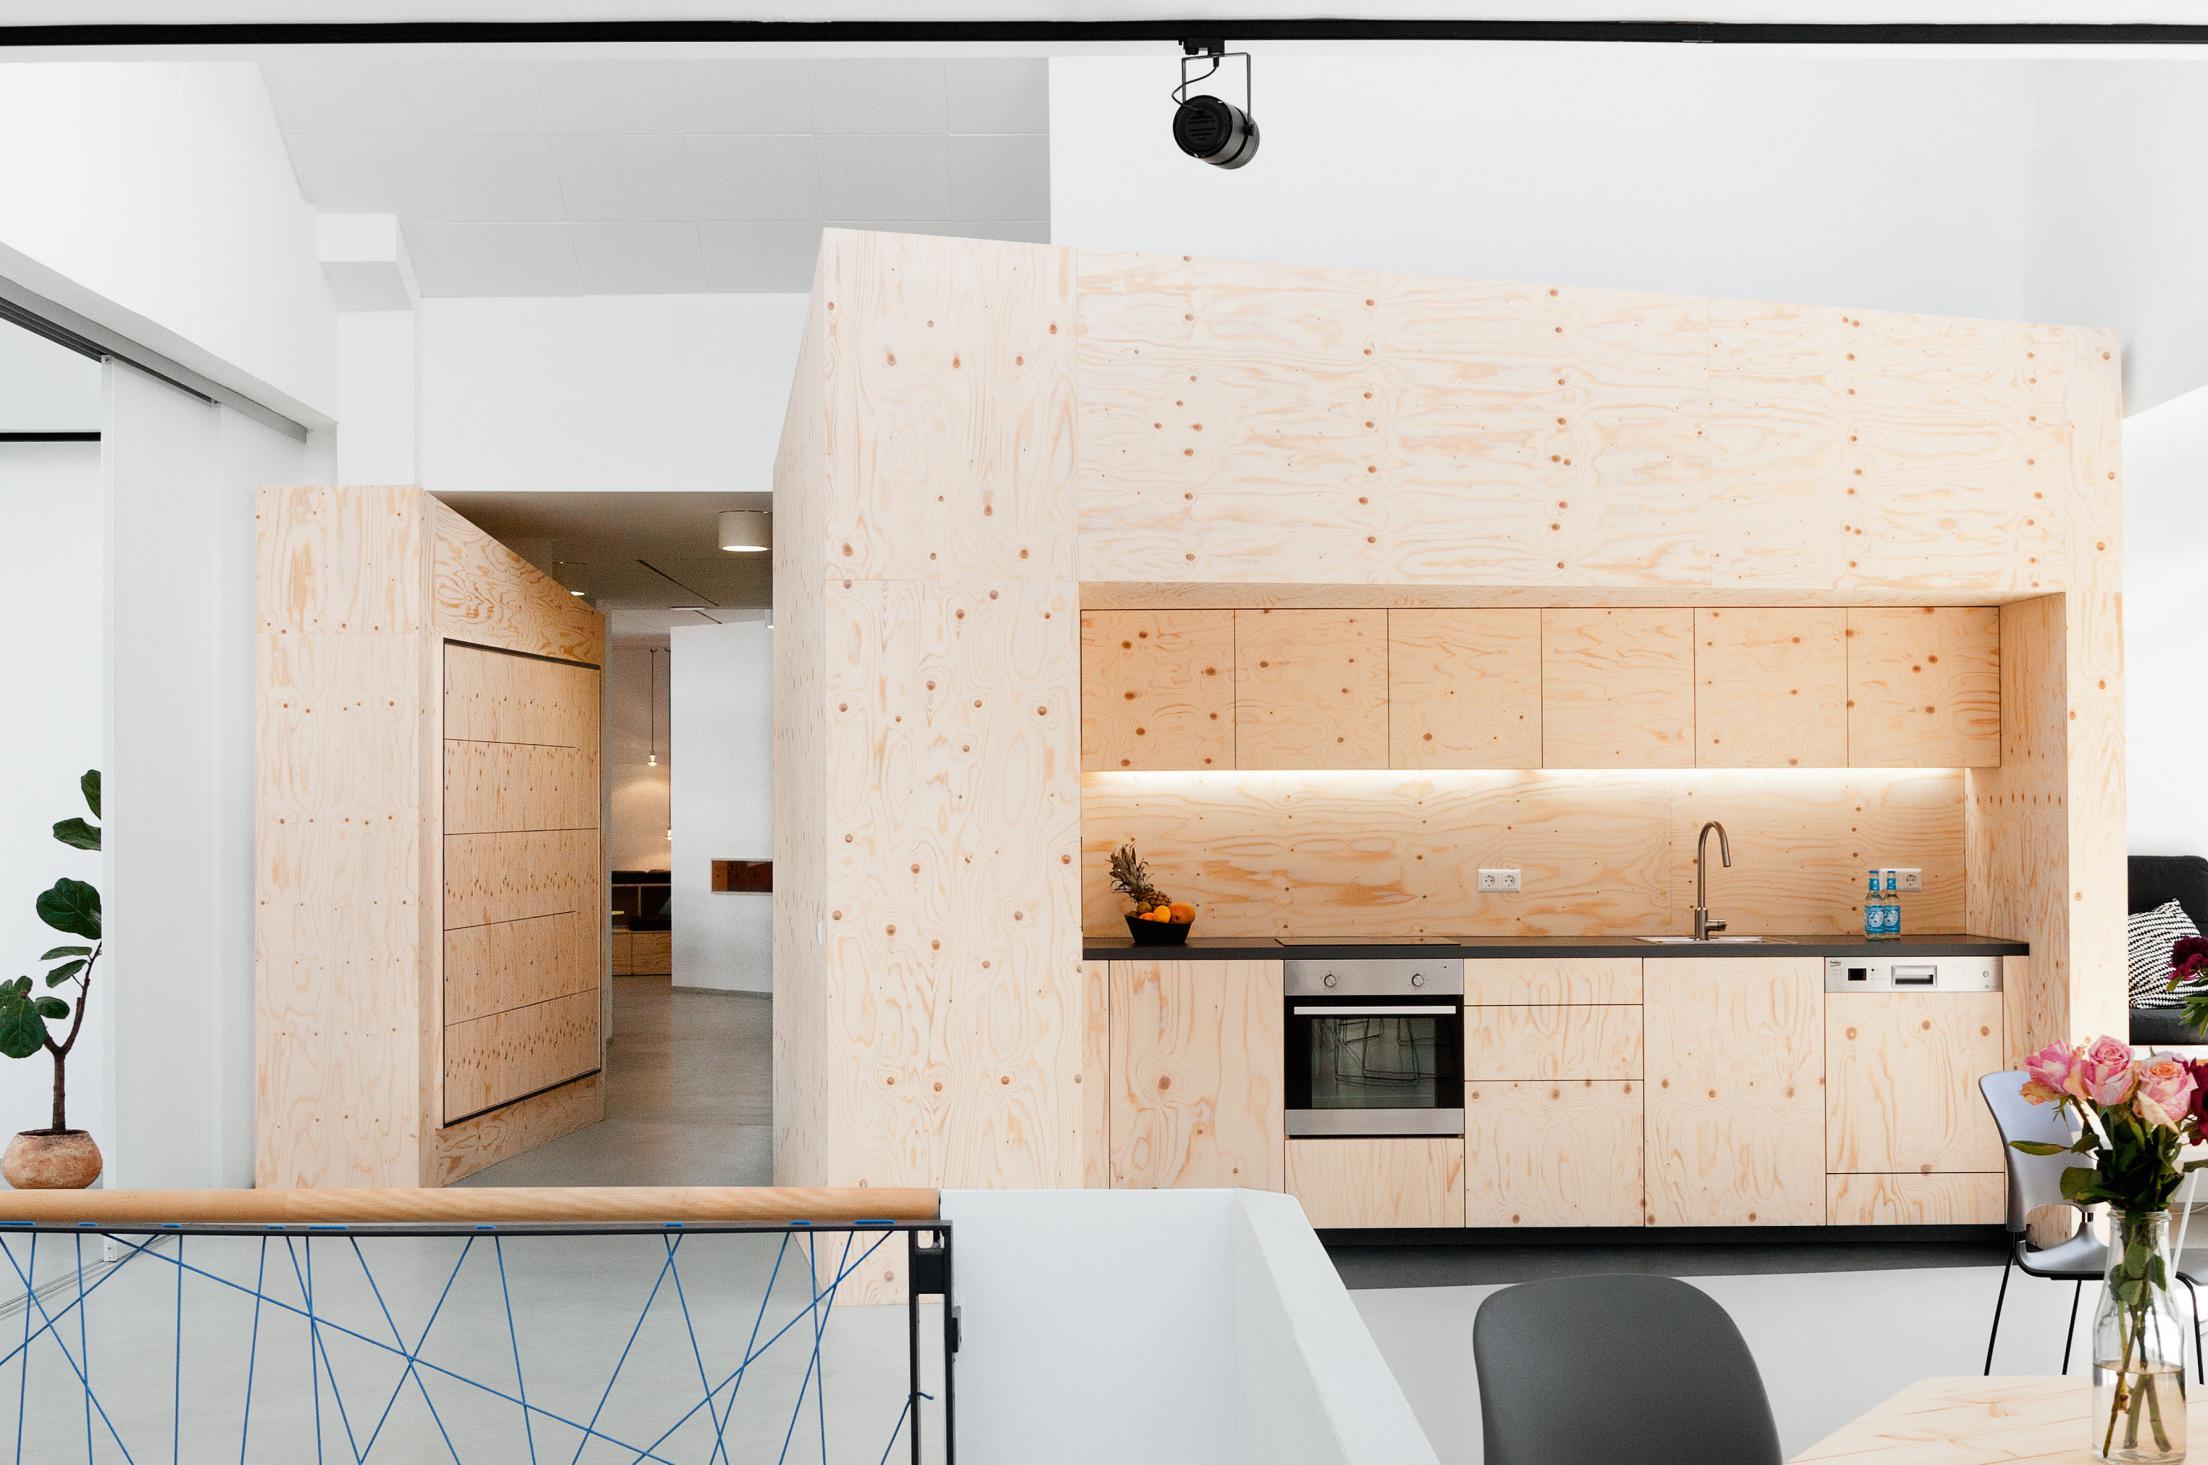 IMPACT HUB BERLIN - Winner Interior Achitecture